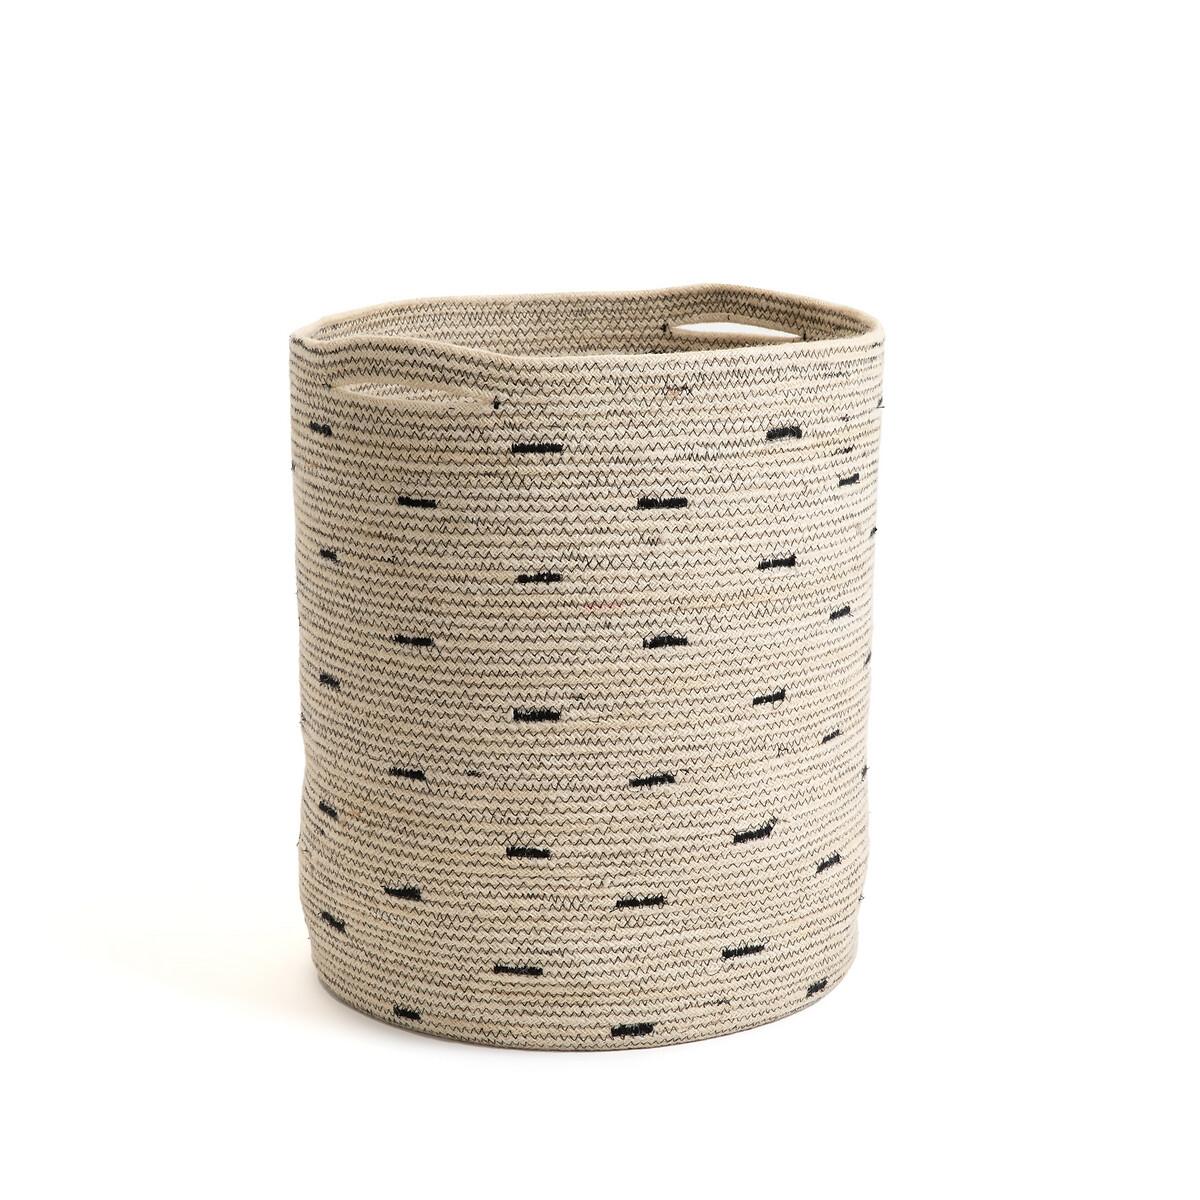 Фото - Корзина LaRedoute Для белья из джута Felicia единый размер бежевый корзина laredoute для белья из ткани louison единый размер серый